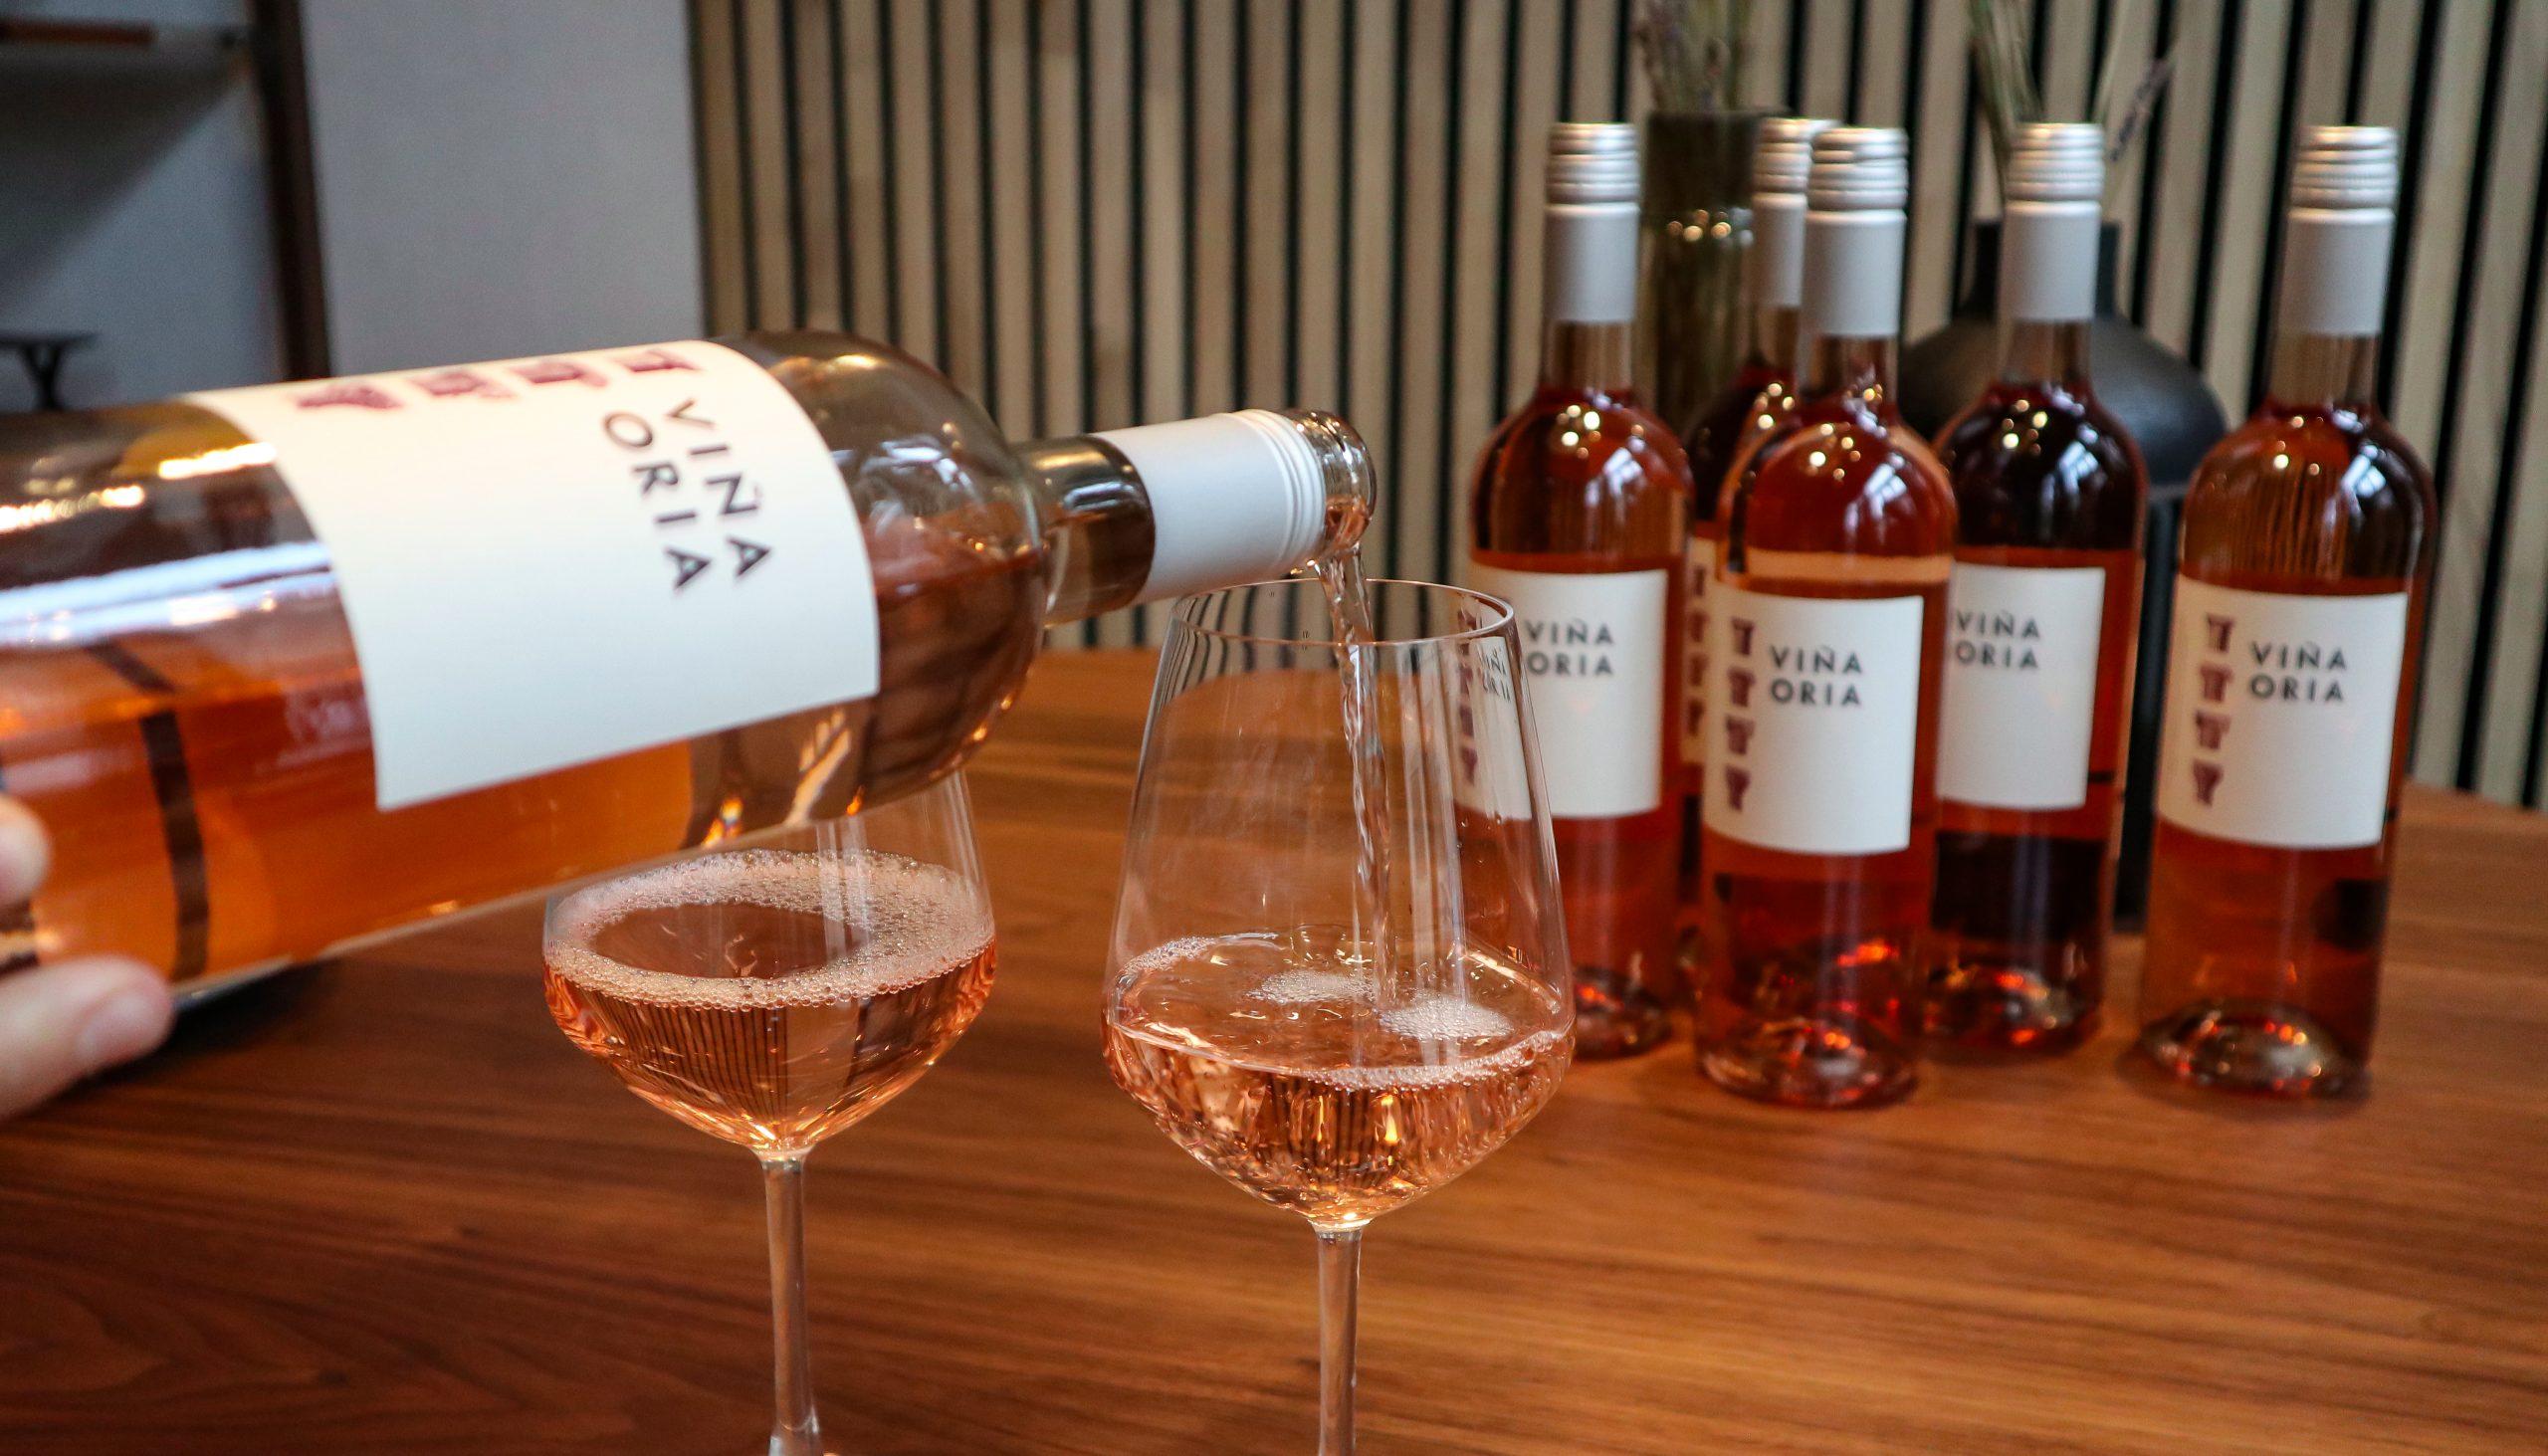 Kun med MigogAalborg: Seks flasker rosé fra Holte Vinlager til 289 kr.